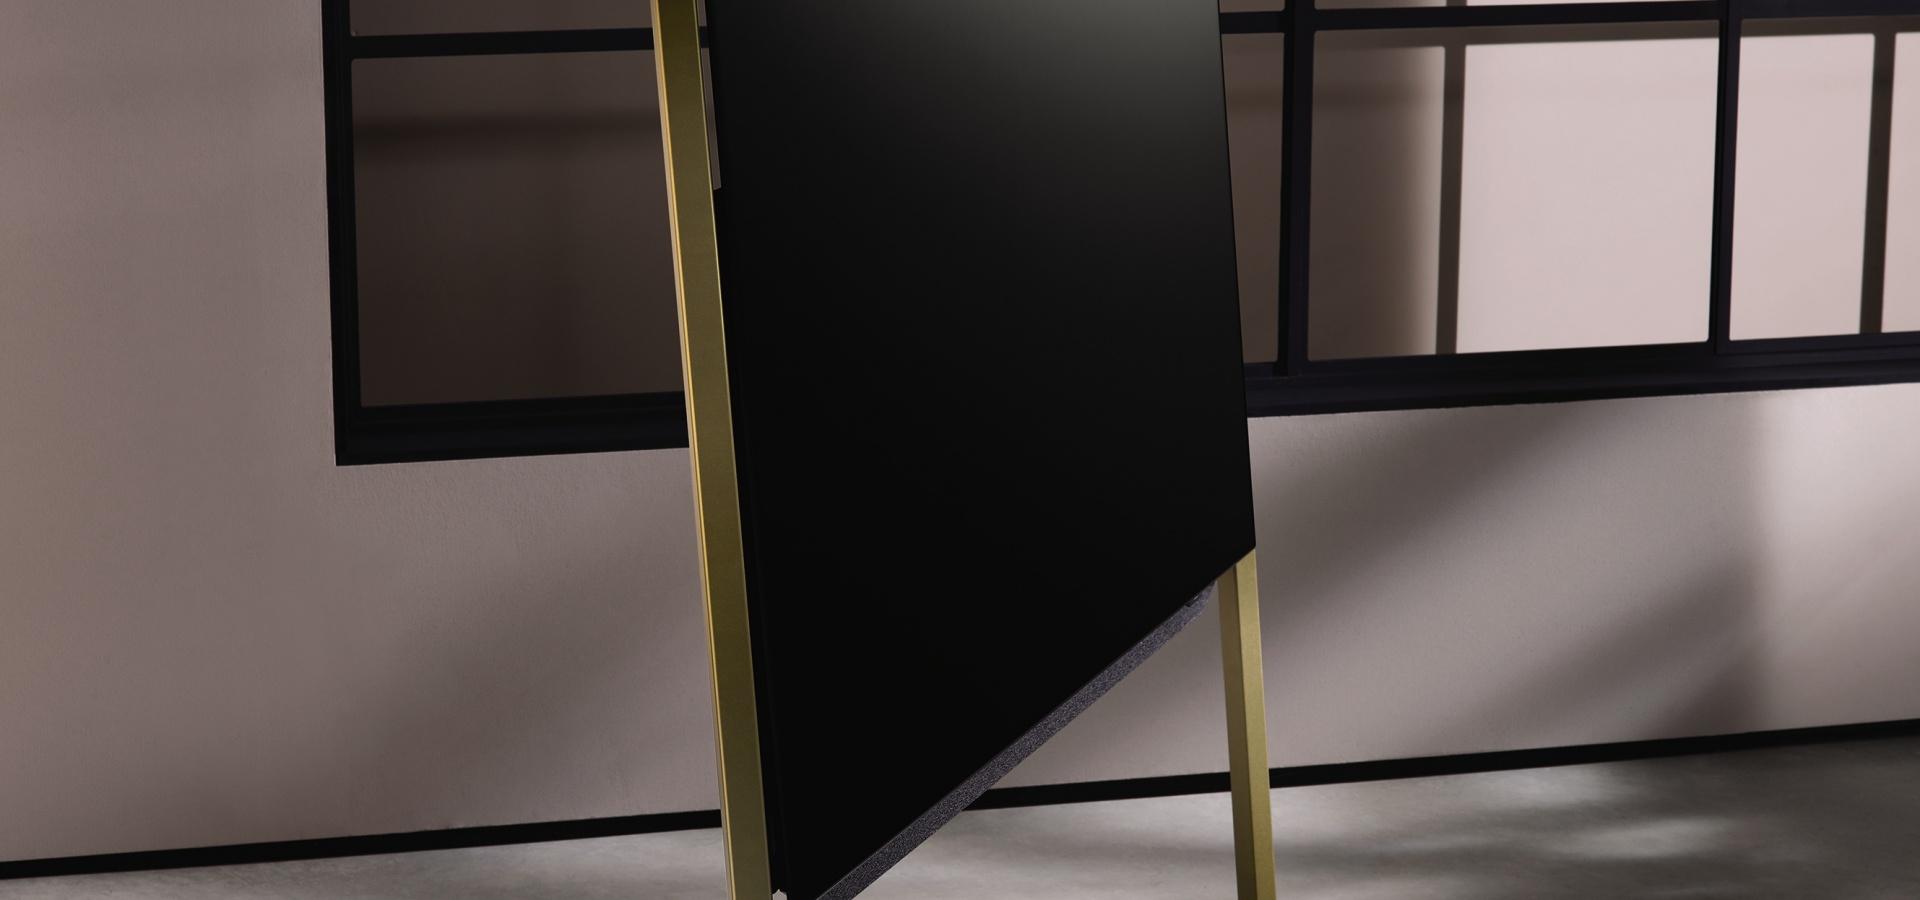 Loewe Bild 9 auf Standfuss